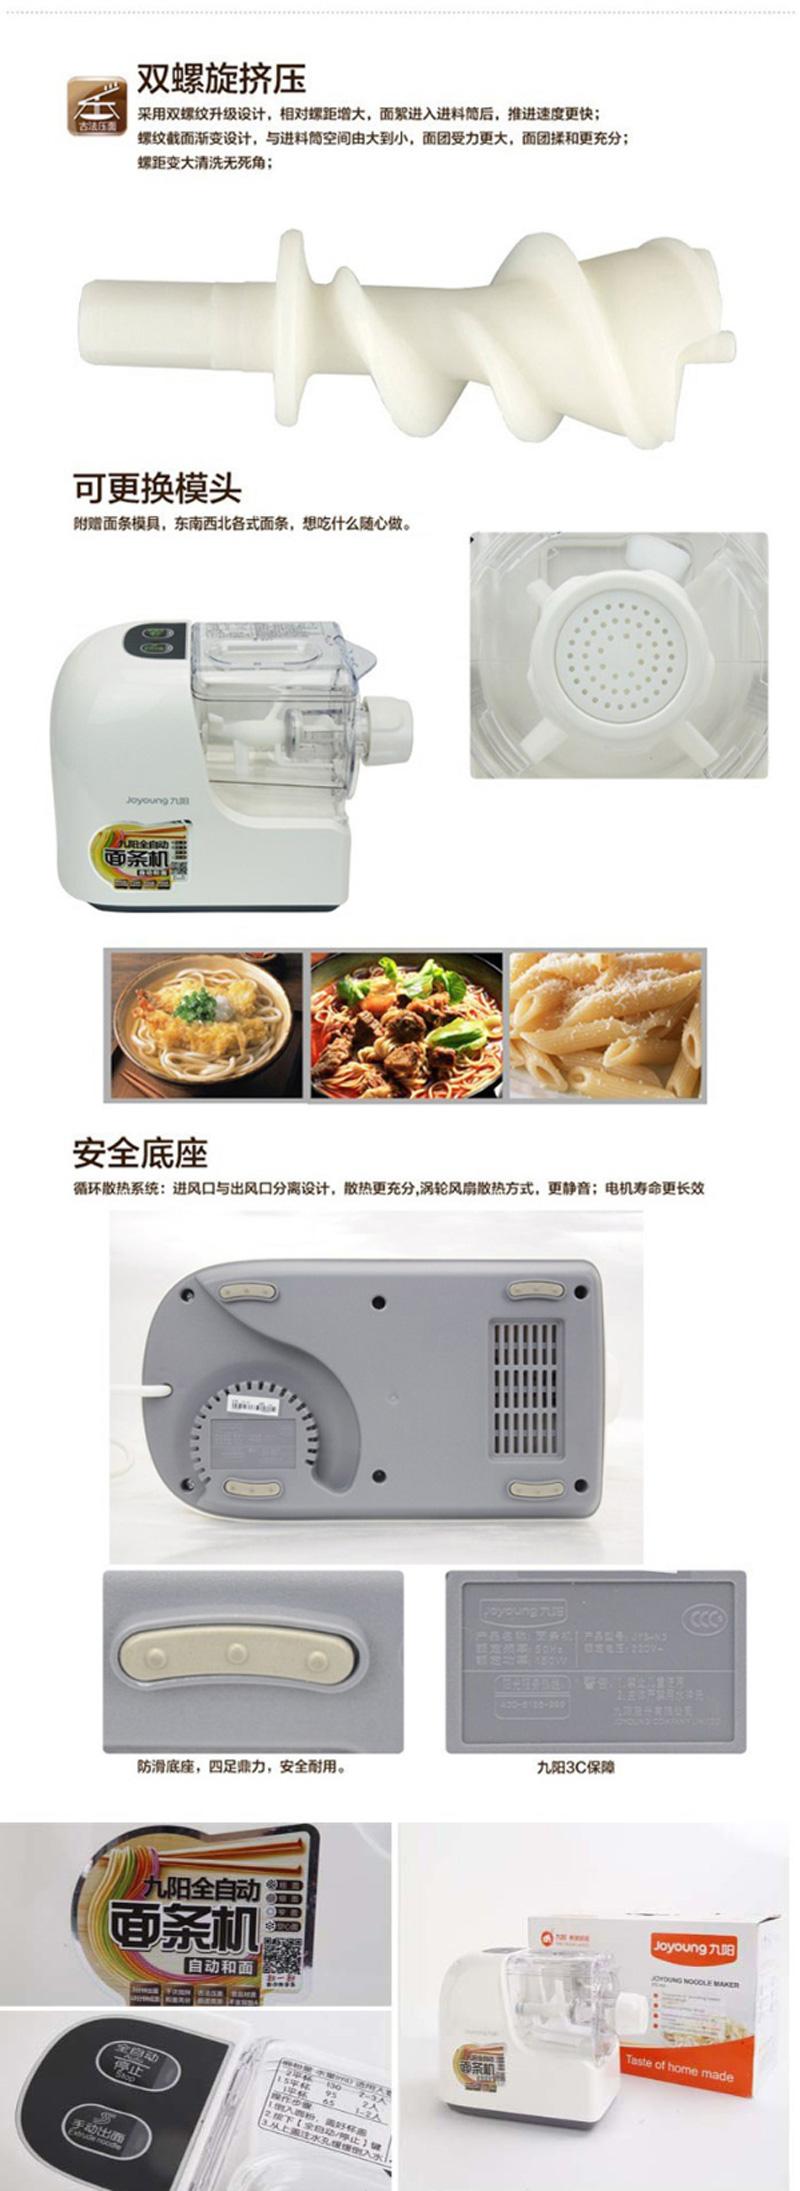 九阳(Joyoung) 面条机全自动面条机家用电动和面机多功能压面机JYS-N3